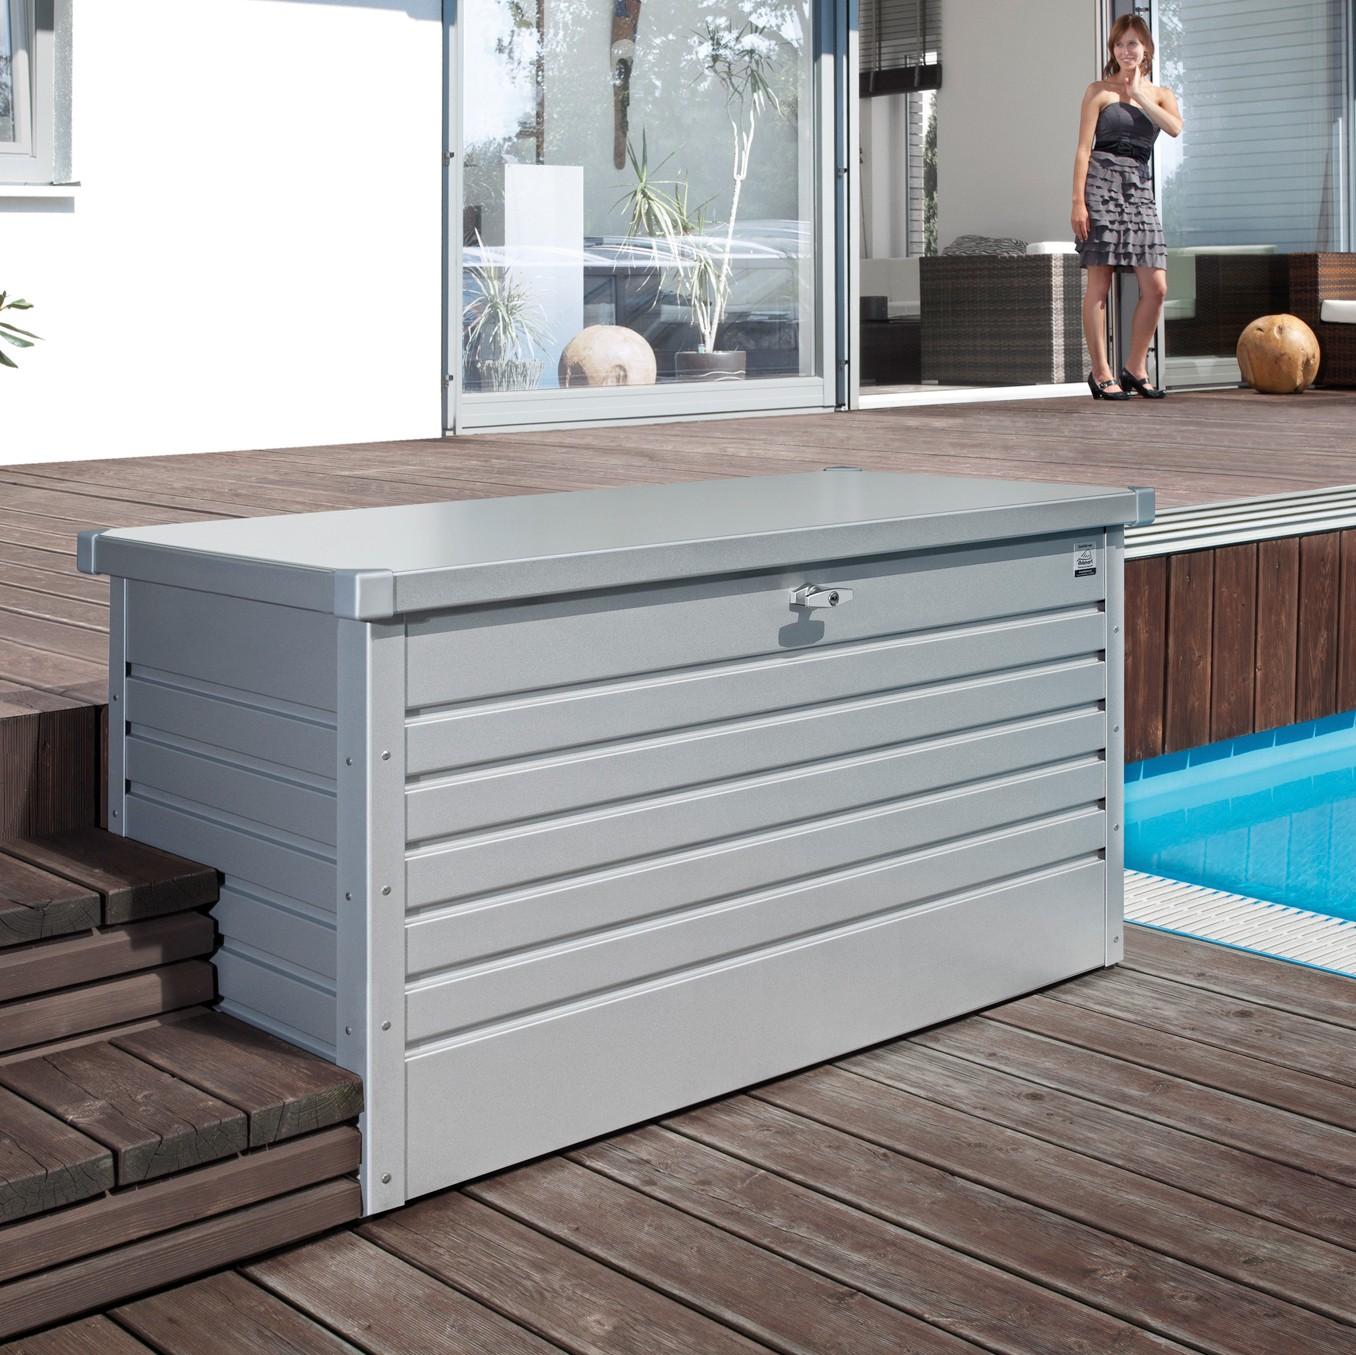 gartenbox wasserdicht amazing auflagenbox holz optik gartenbox gartentruhe auflagen kissenbox. Black Bedroom Furniture Sets. Home Design Ideas